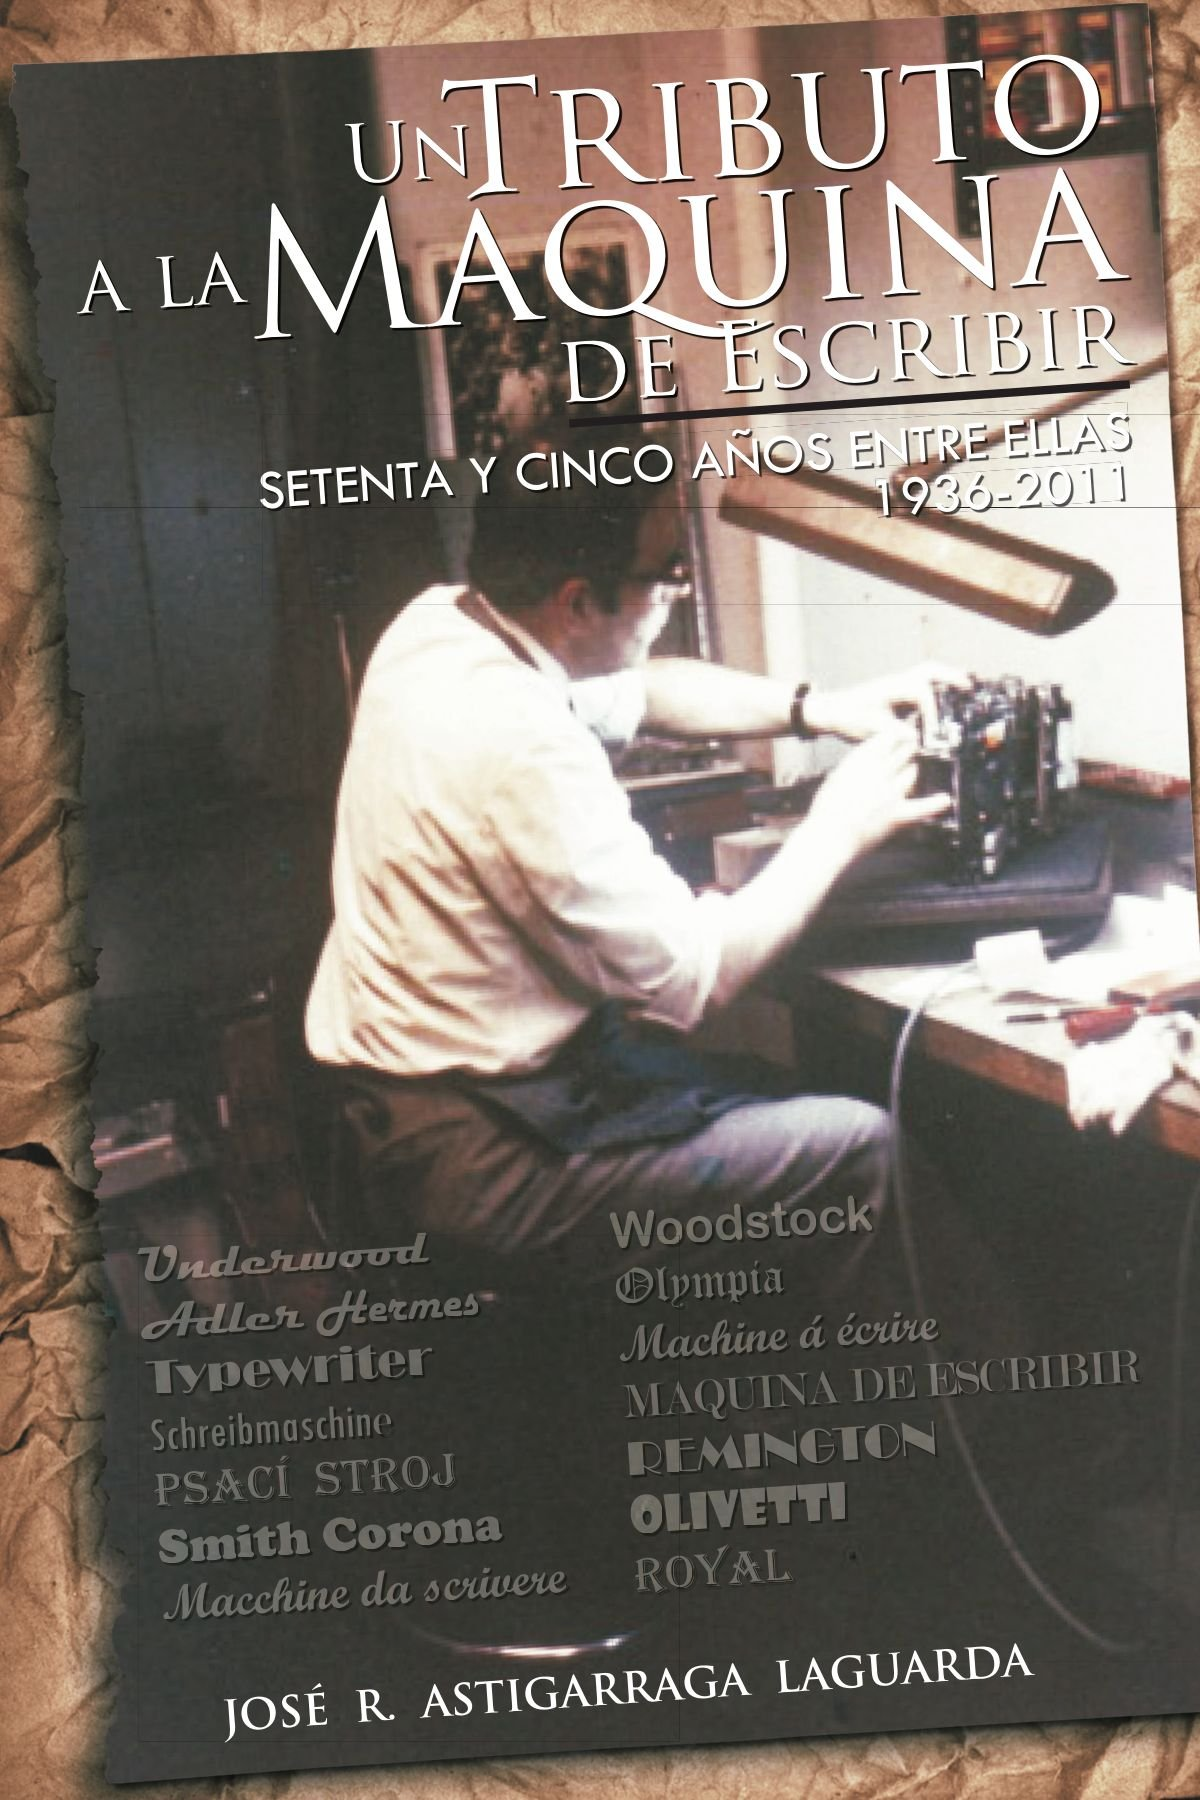 Un Tributo a la Maquina de Escribir: Setenta y Tantos Anos Entre Ellas: Amazon.es: Jos R. Astigarraga, Jose R. Astigarraga: Libros